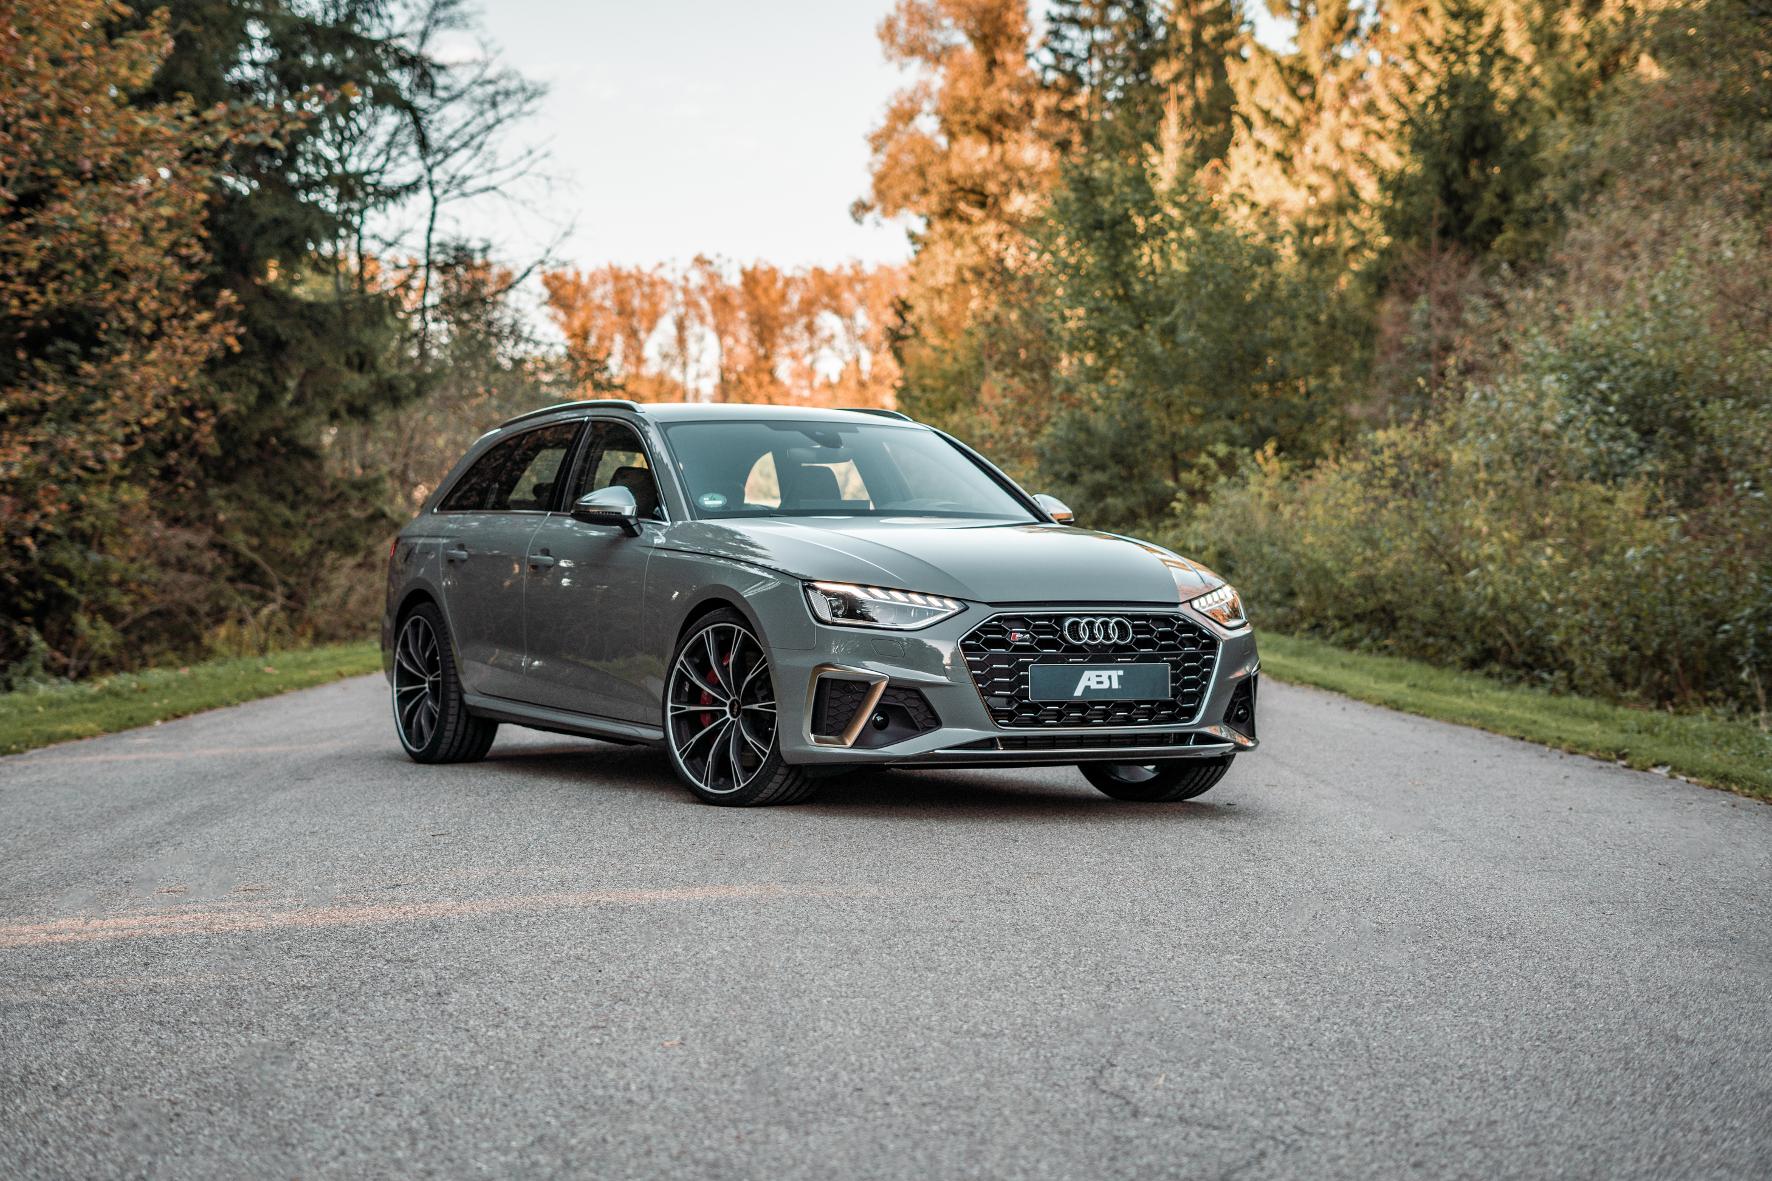 mid Groß-Gerau - Der Audi S4 TDI hat jetzt mehr PS. Abt